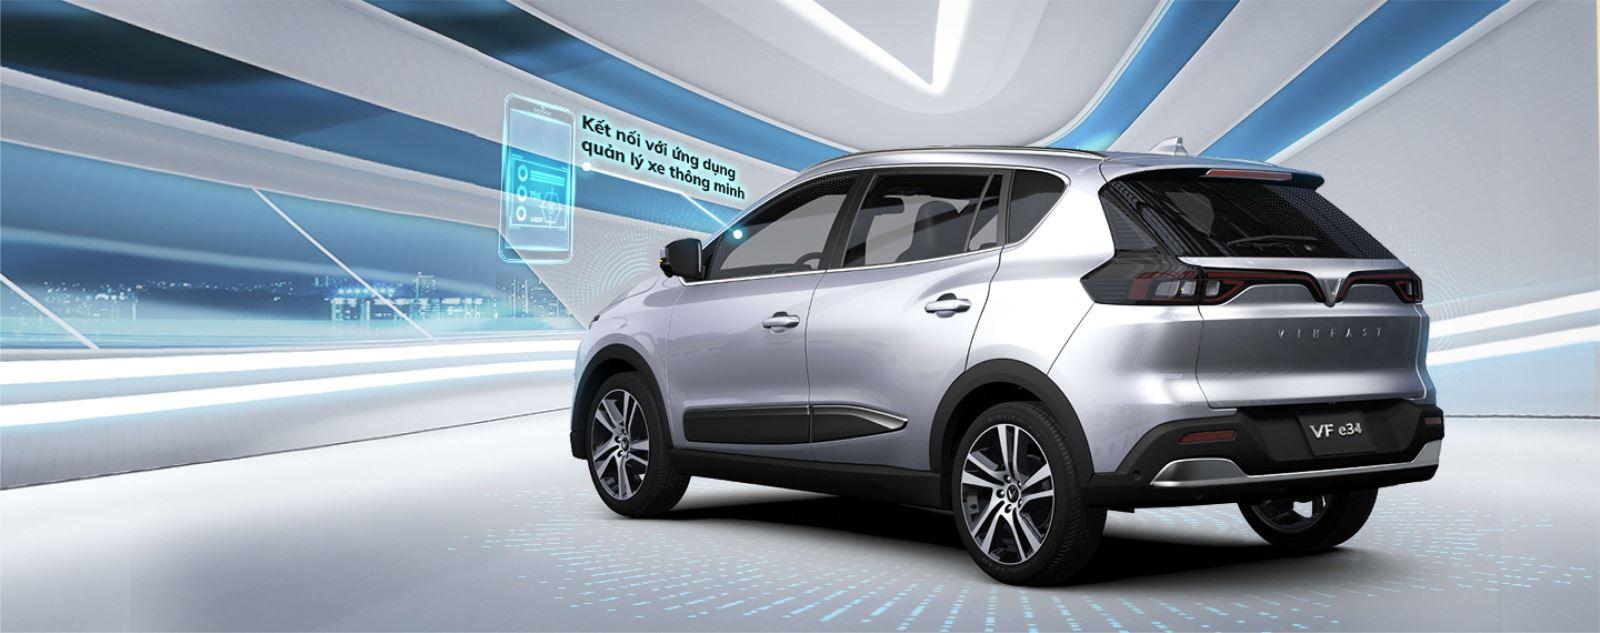 Tính năng thông minh & kết nối điều khiển xe theo xu hướng tương lai.